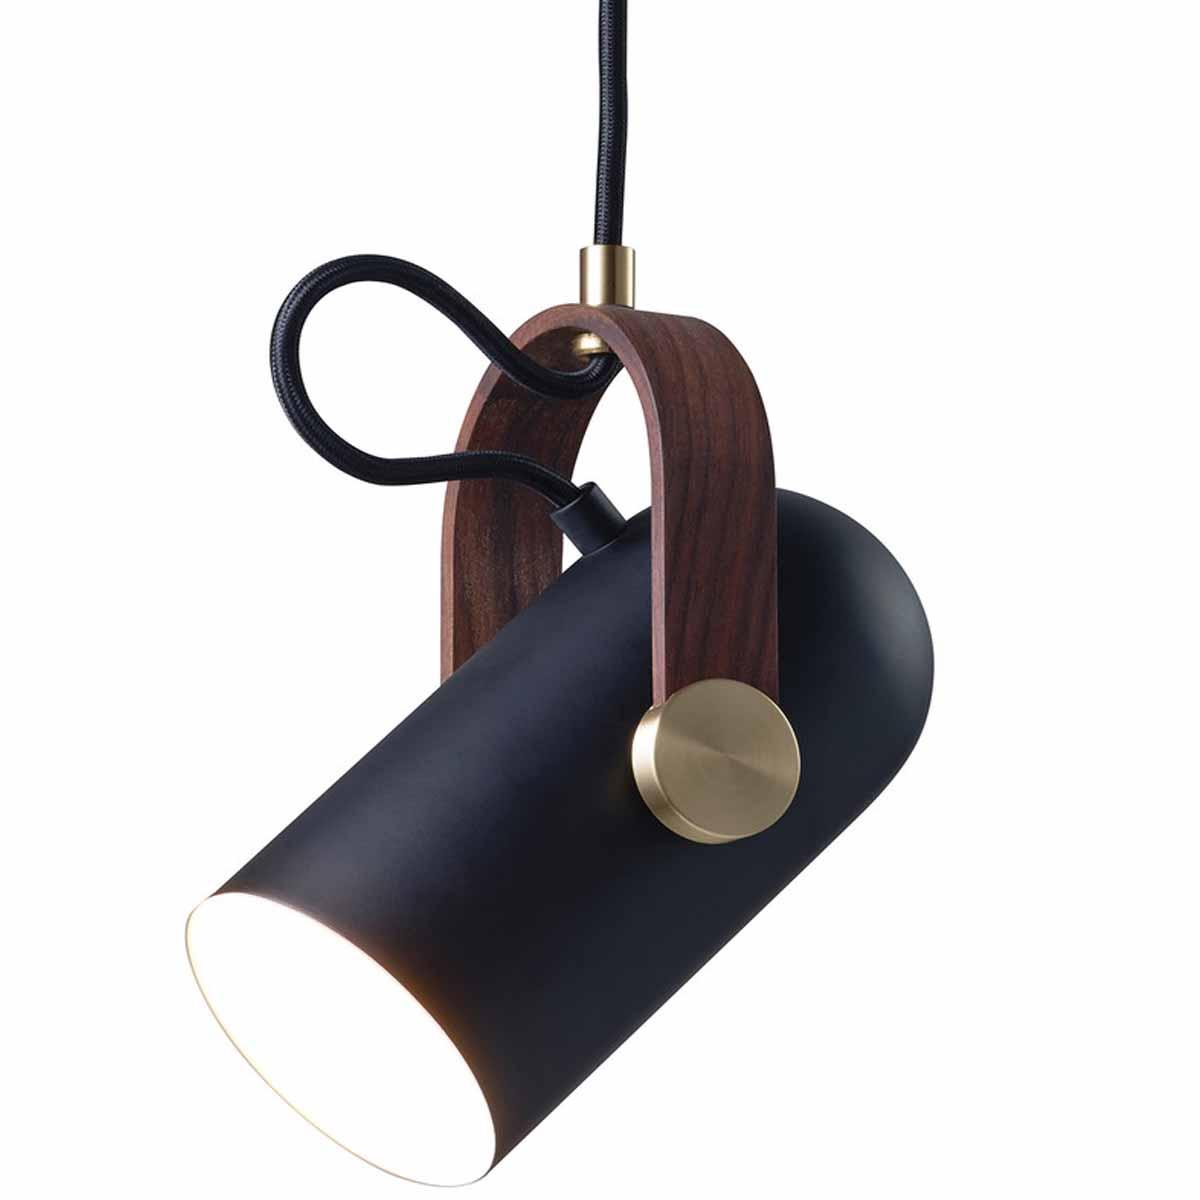 Le Klint Hängeleuchte Carronade small schwarz Durchmesser 12 cm ...